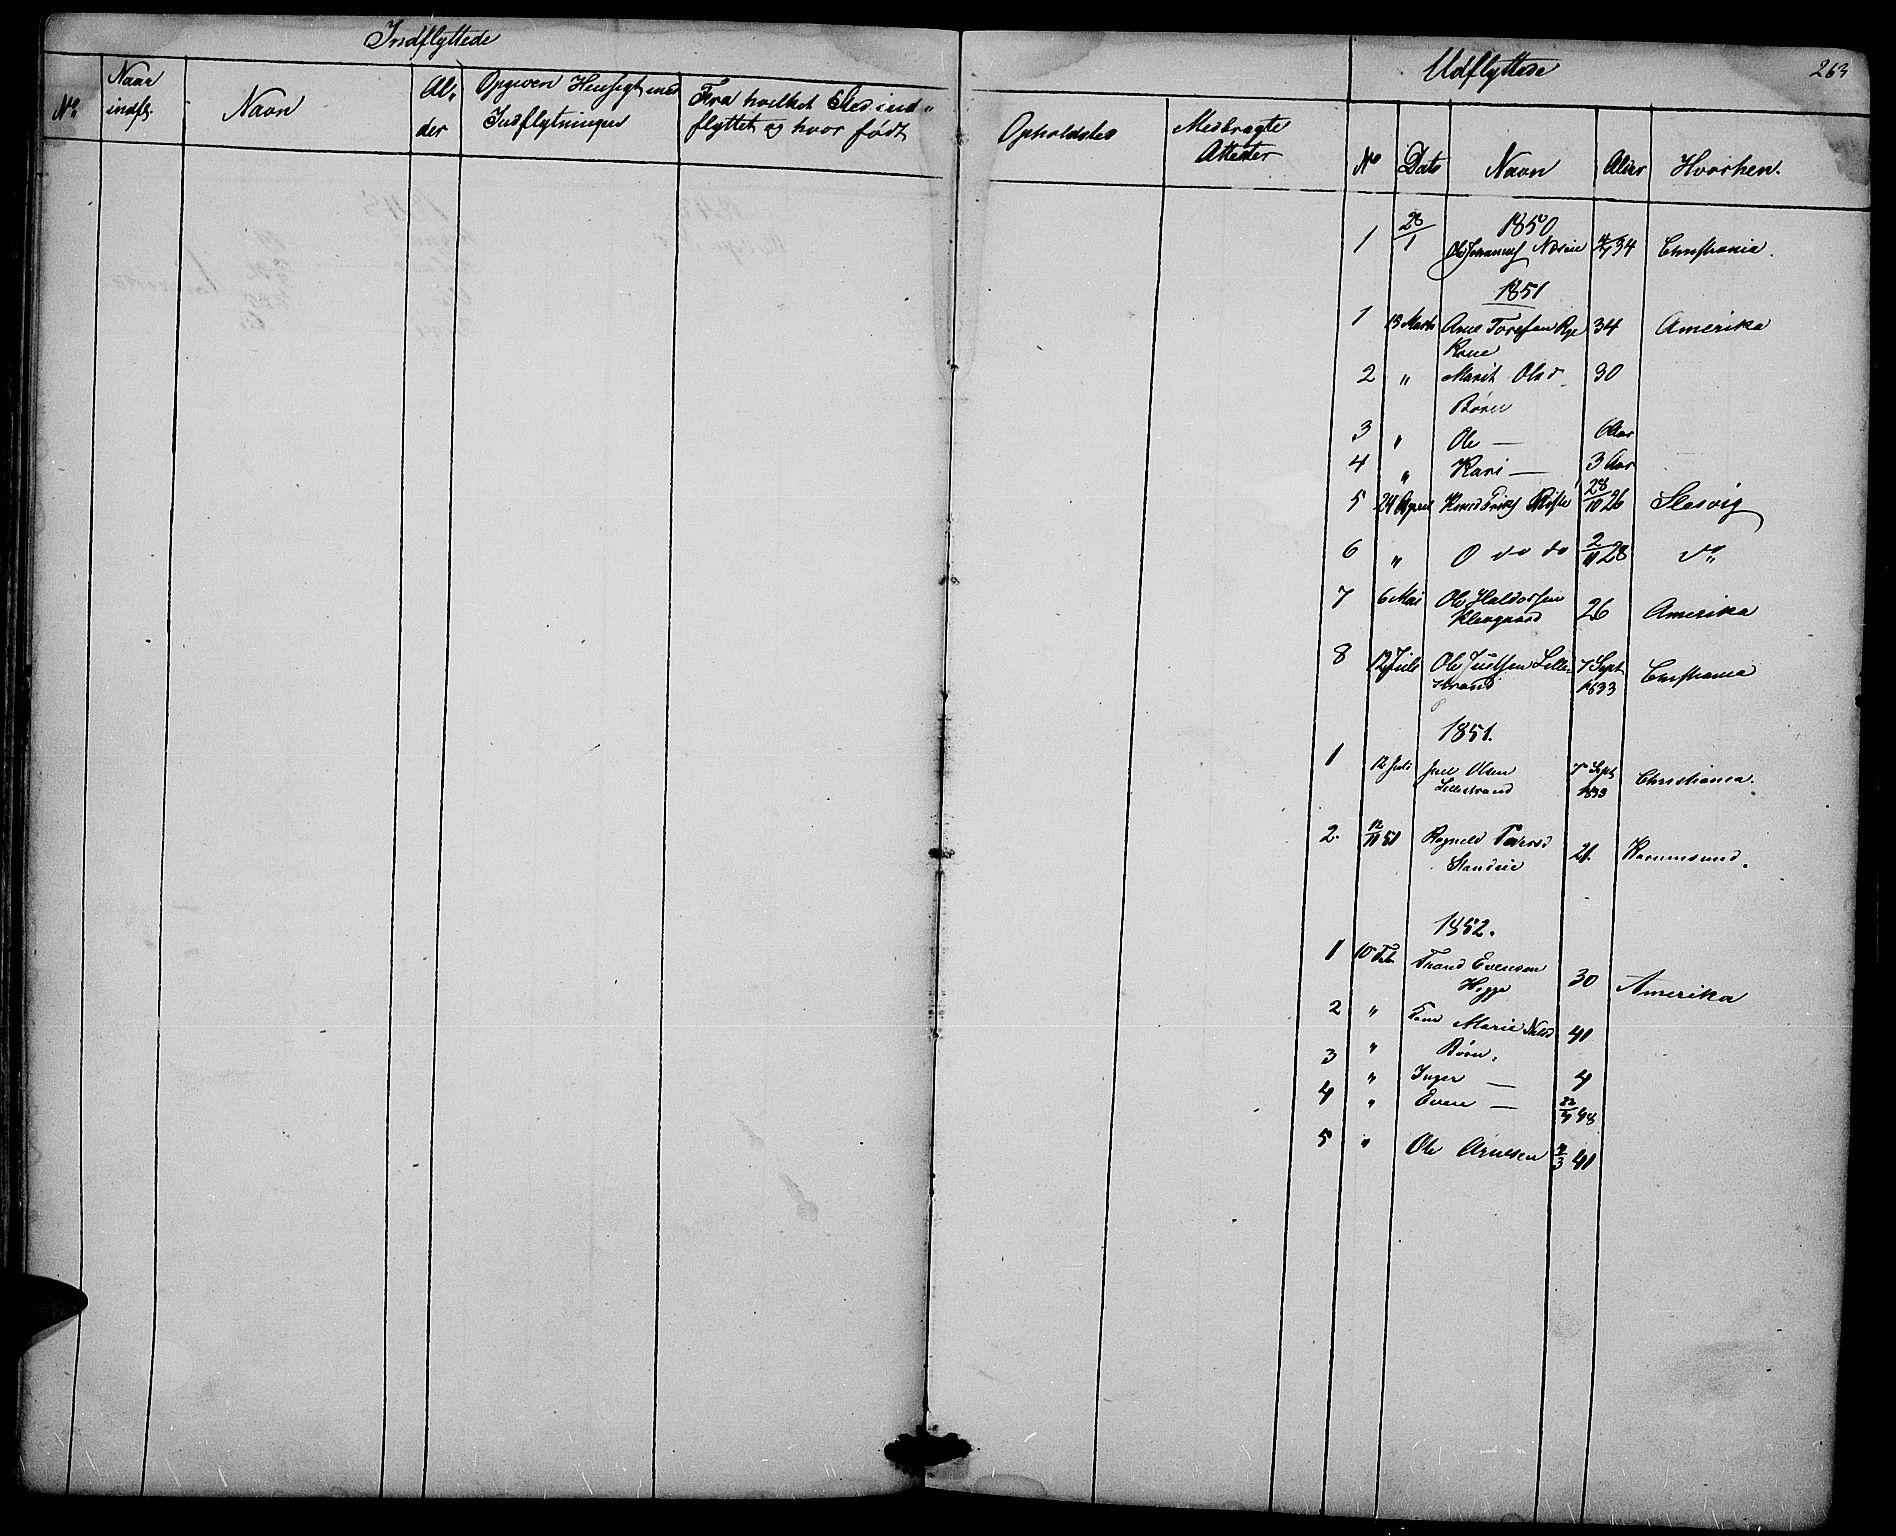 SAH, Nord-Aurdal prestekontor, Klokkerbok nr. 3, 1842-1882, s. 263